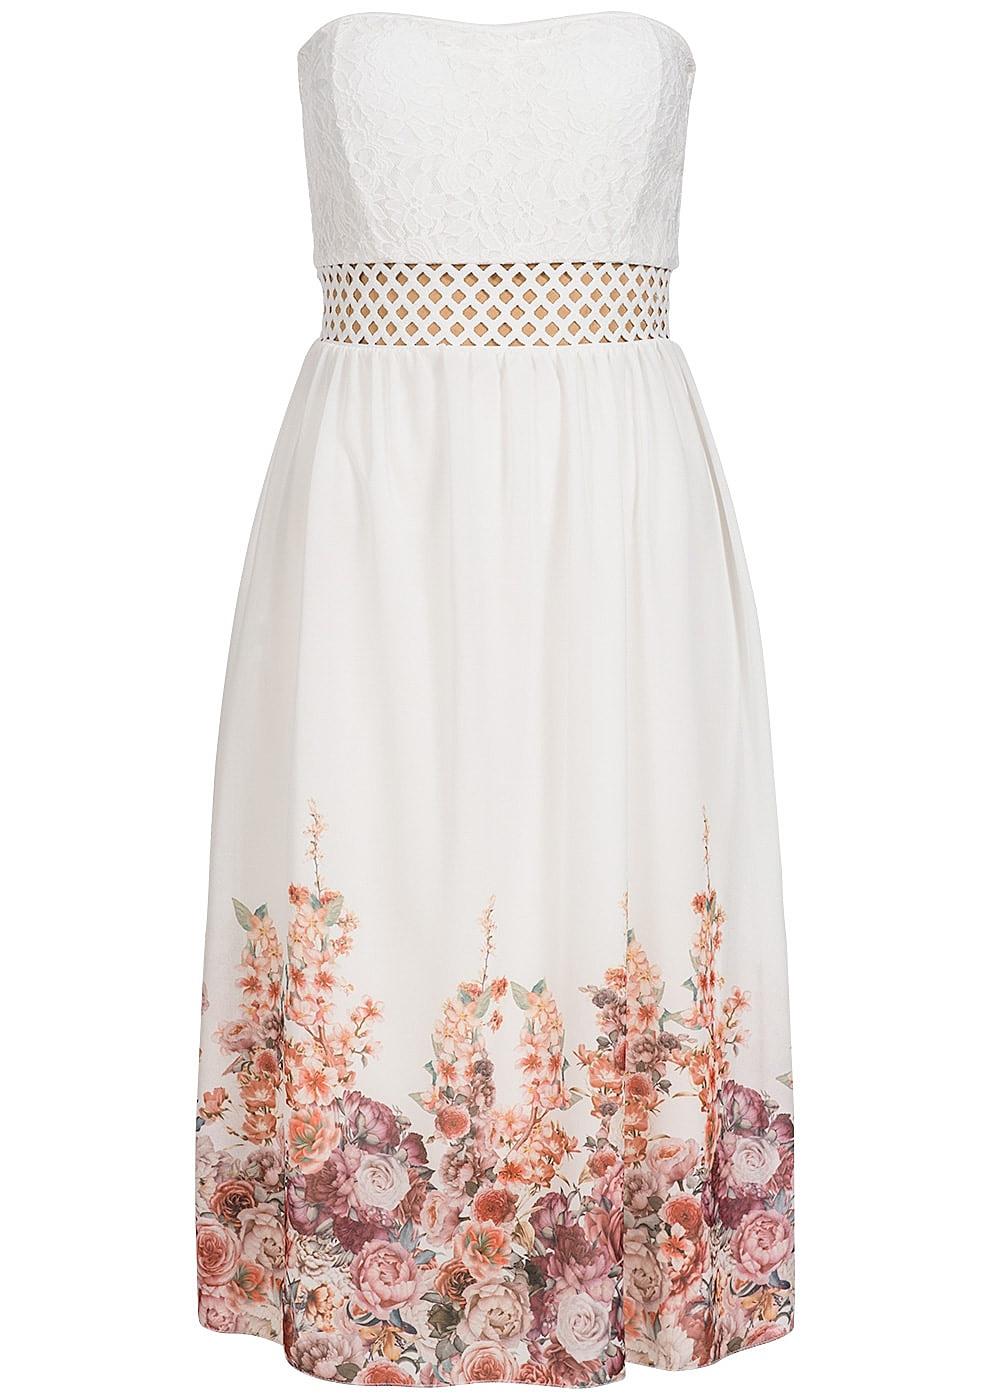 Designer Spektakulär Kleid Weiß Blumen Galerie15 Genial Kleid Weiß Blumen Galerie